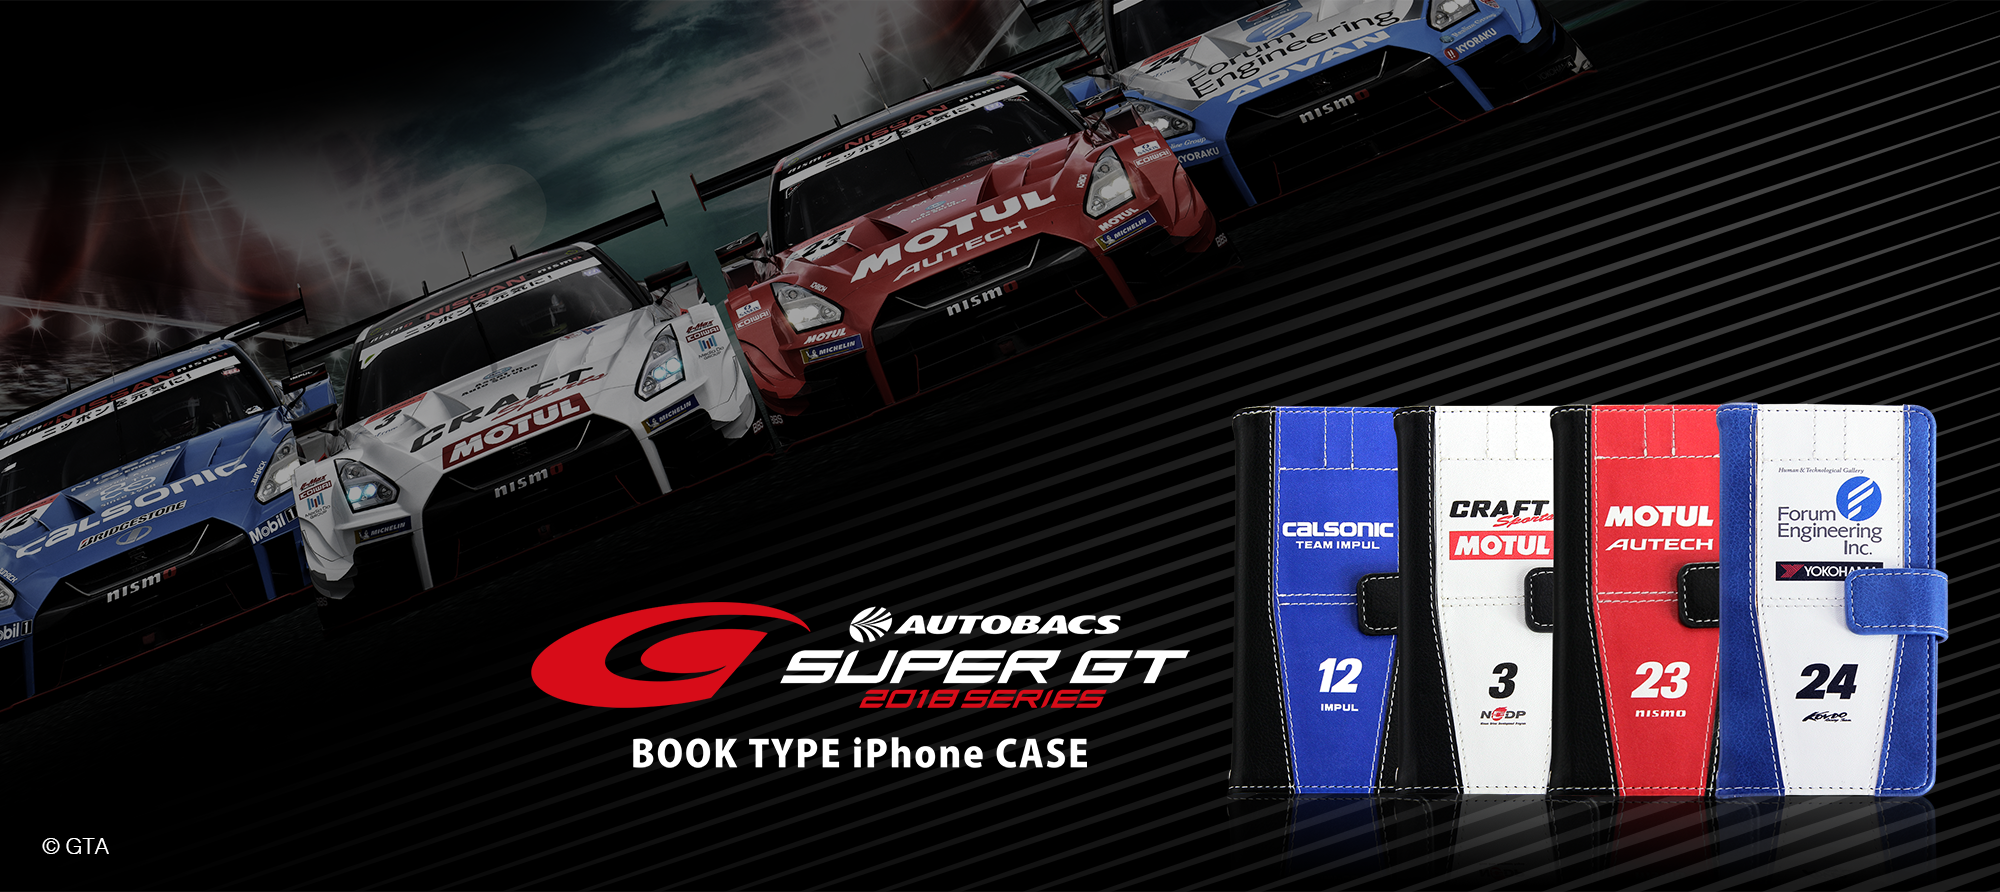 SUPER GT 手帳型iPhoneケース